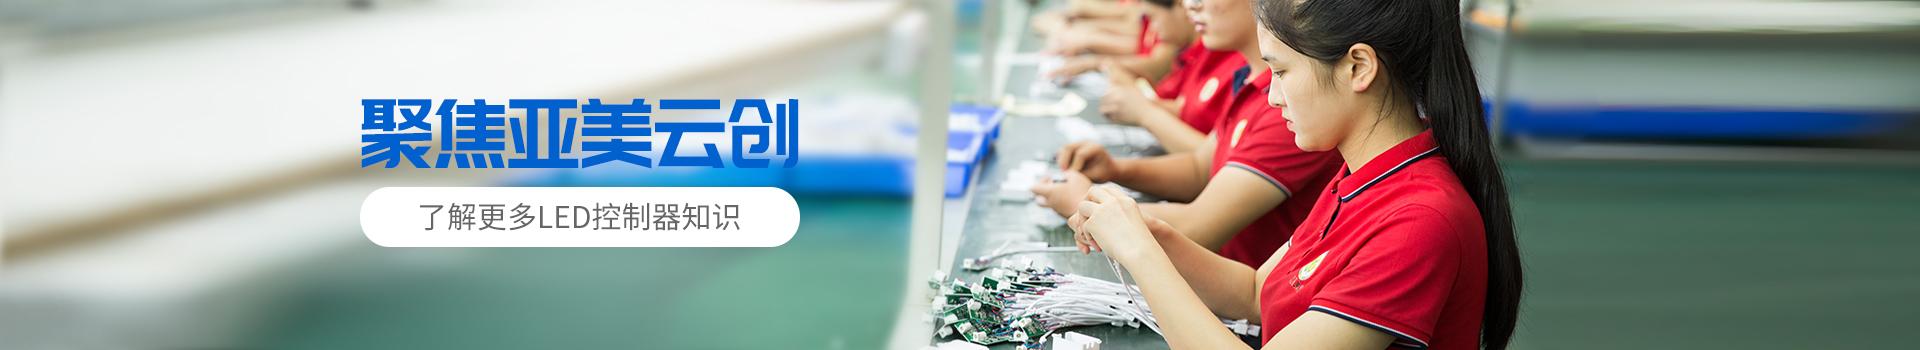 聚焦亚美云创了解更多LED控制器知识